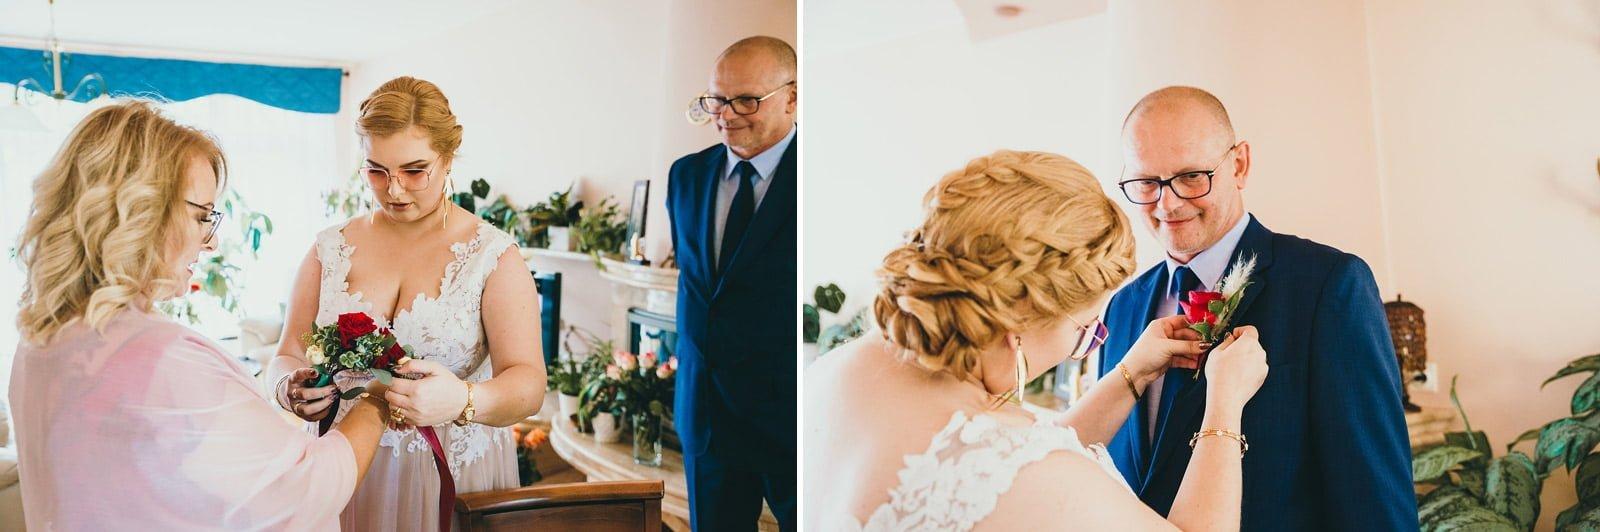 Karolina i Mateusz - plenerowy ślub - Biały Borek 18